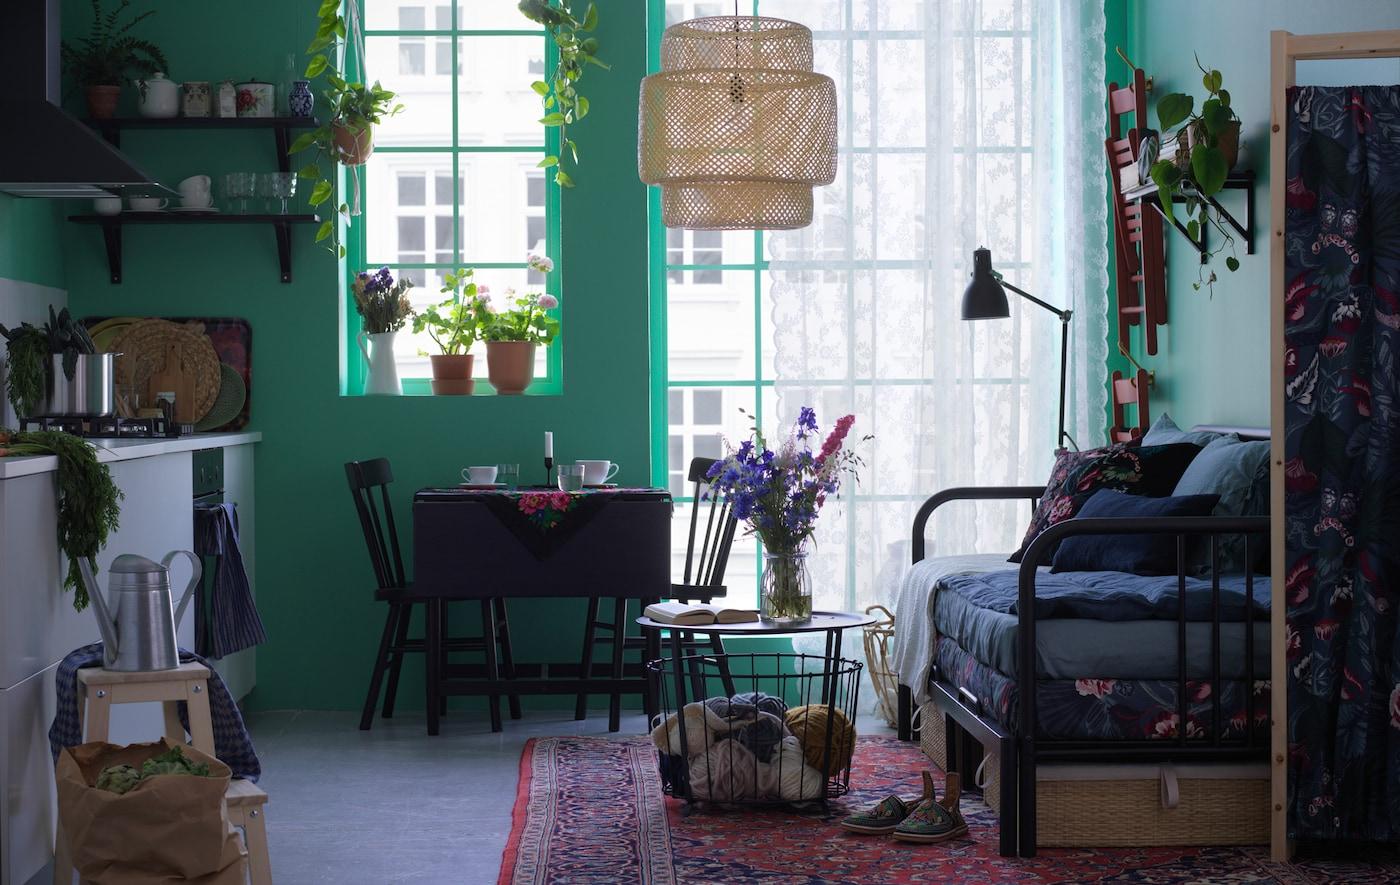 Quando arriva un ospite inatteso, il letto divano FYRESDAL di IKEA garantisce sonni tranquilli a tutti.